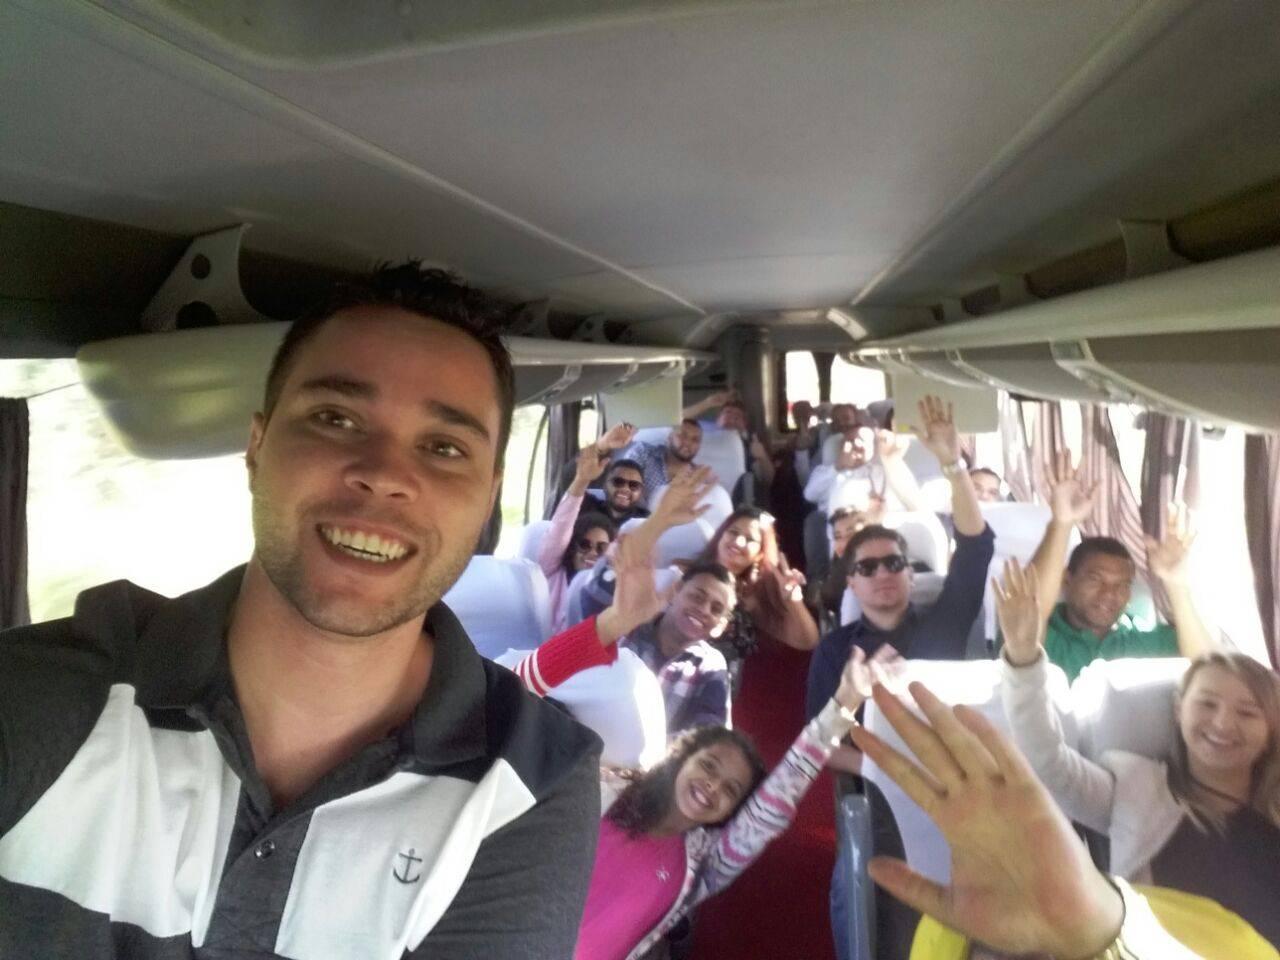 Presidente da JPTB de Goiânia, Thiago Taguary foi o responsável pelo ônibus que saiu da capital na manhã de sábado, 12, com destino a Caldas   Foto: Reprodução